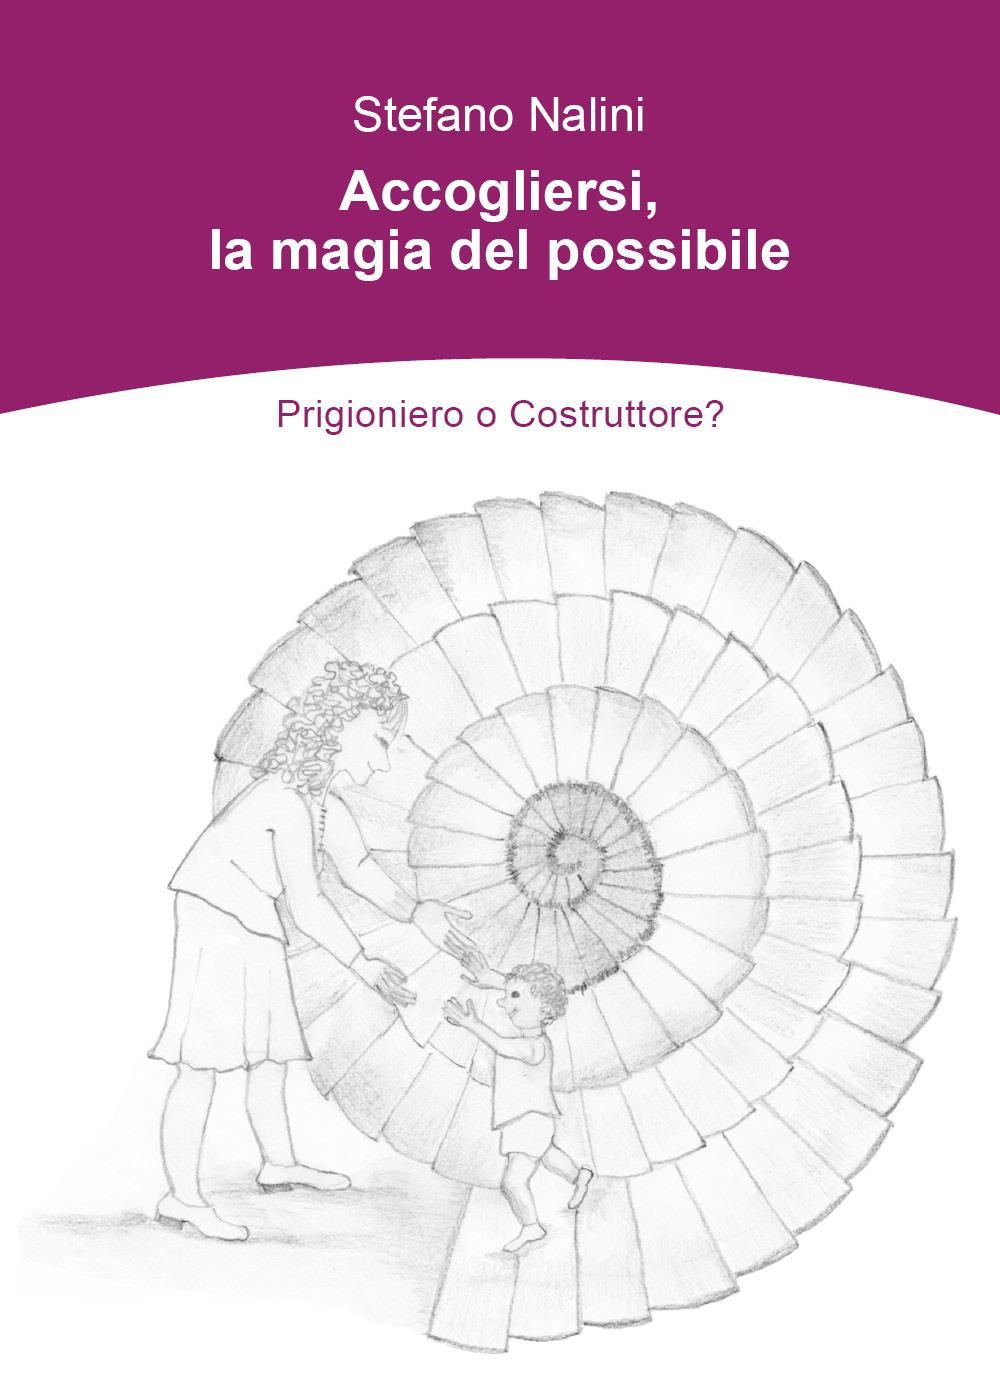 Accogliersi, la magia del possibile. Prigioniero o Costruttore?